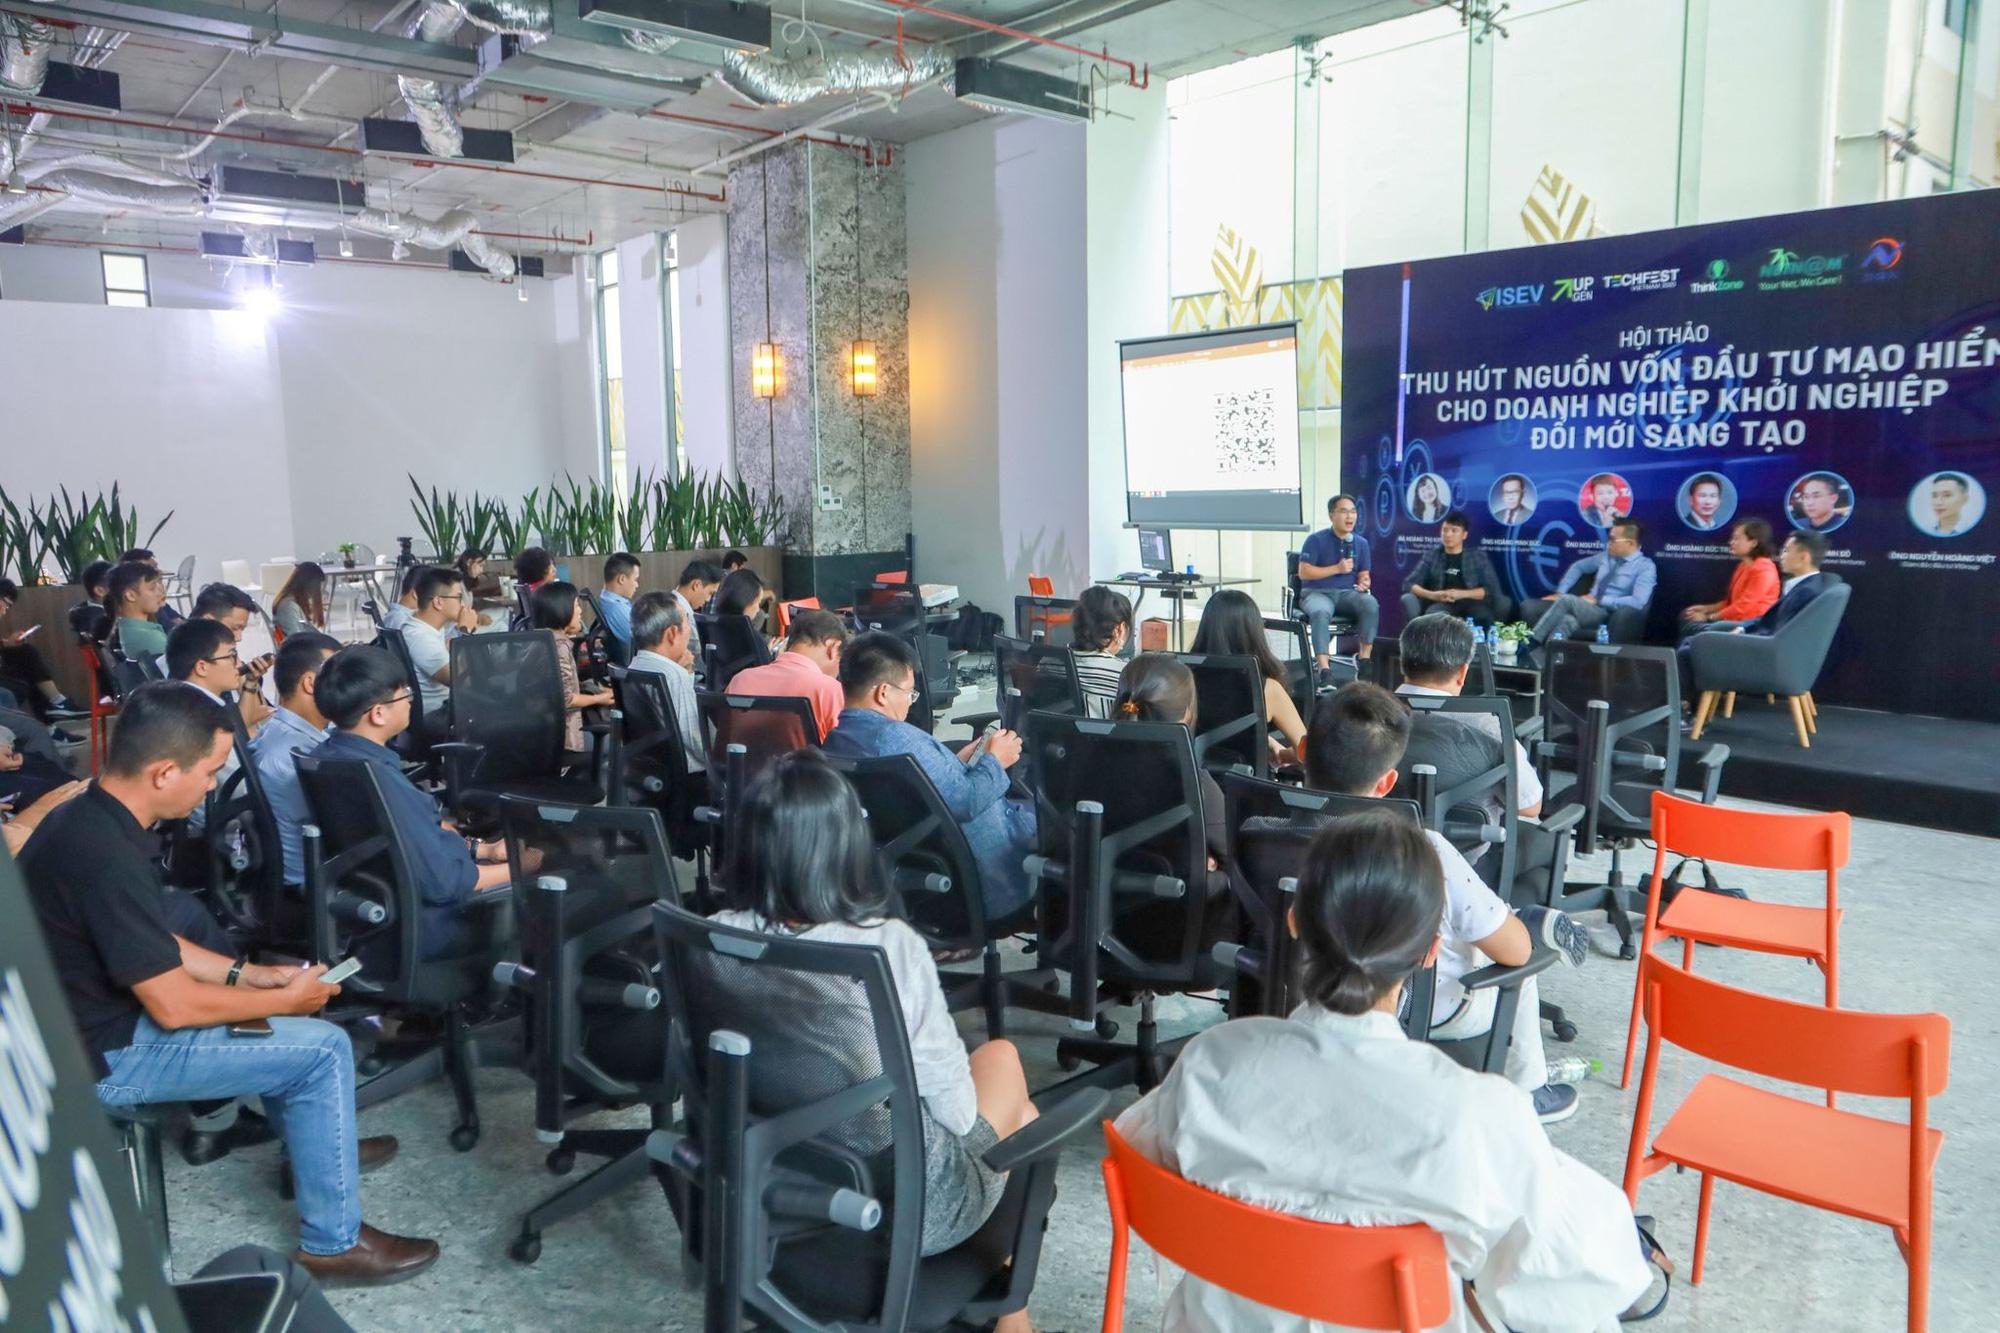 Cơ hội lớn cho các startup: Sắp có Liên minh các quỹ đầu tư mạo hiểm tại Việt Nam - Ảnh 2.